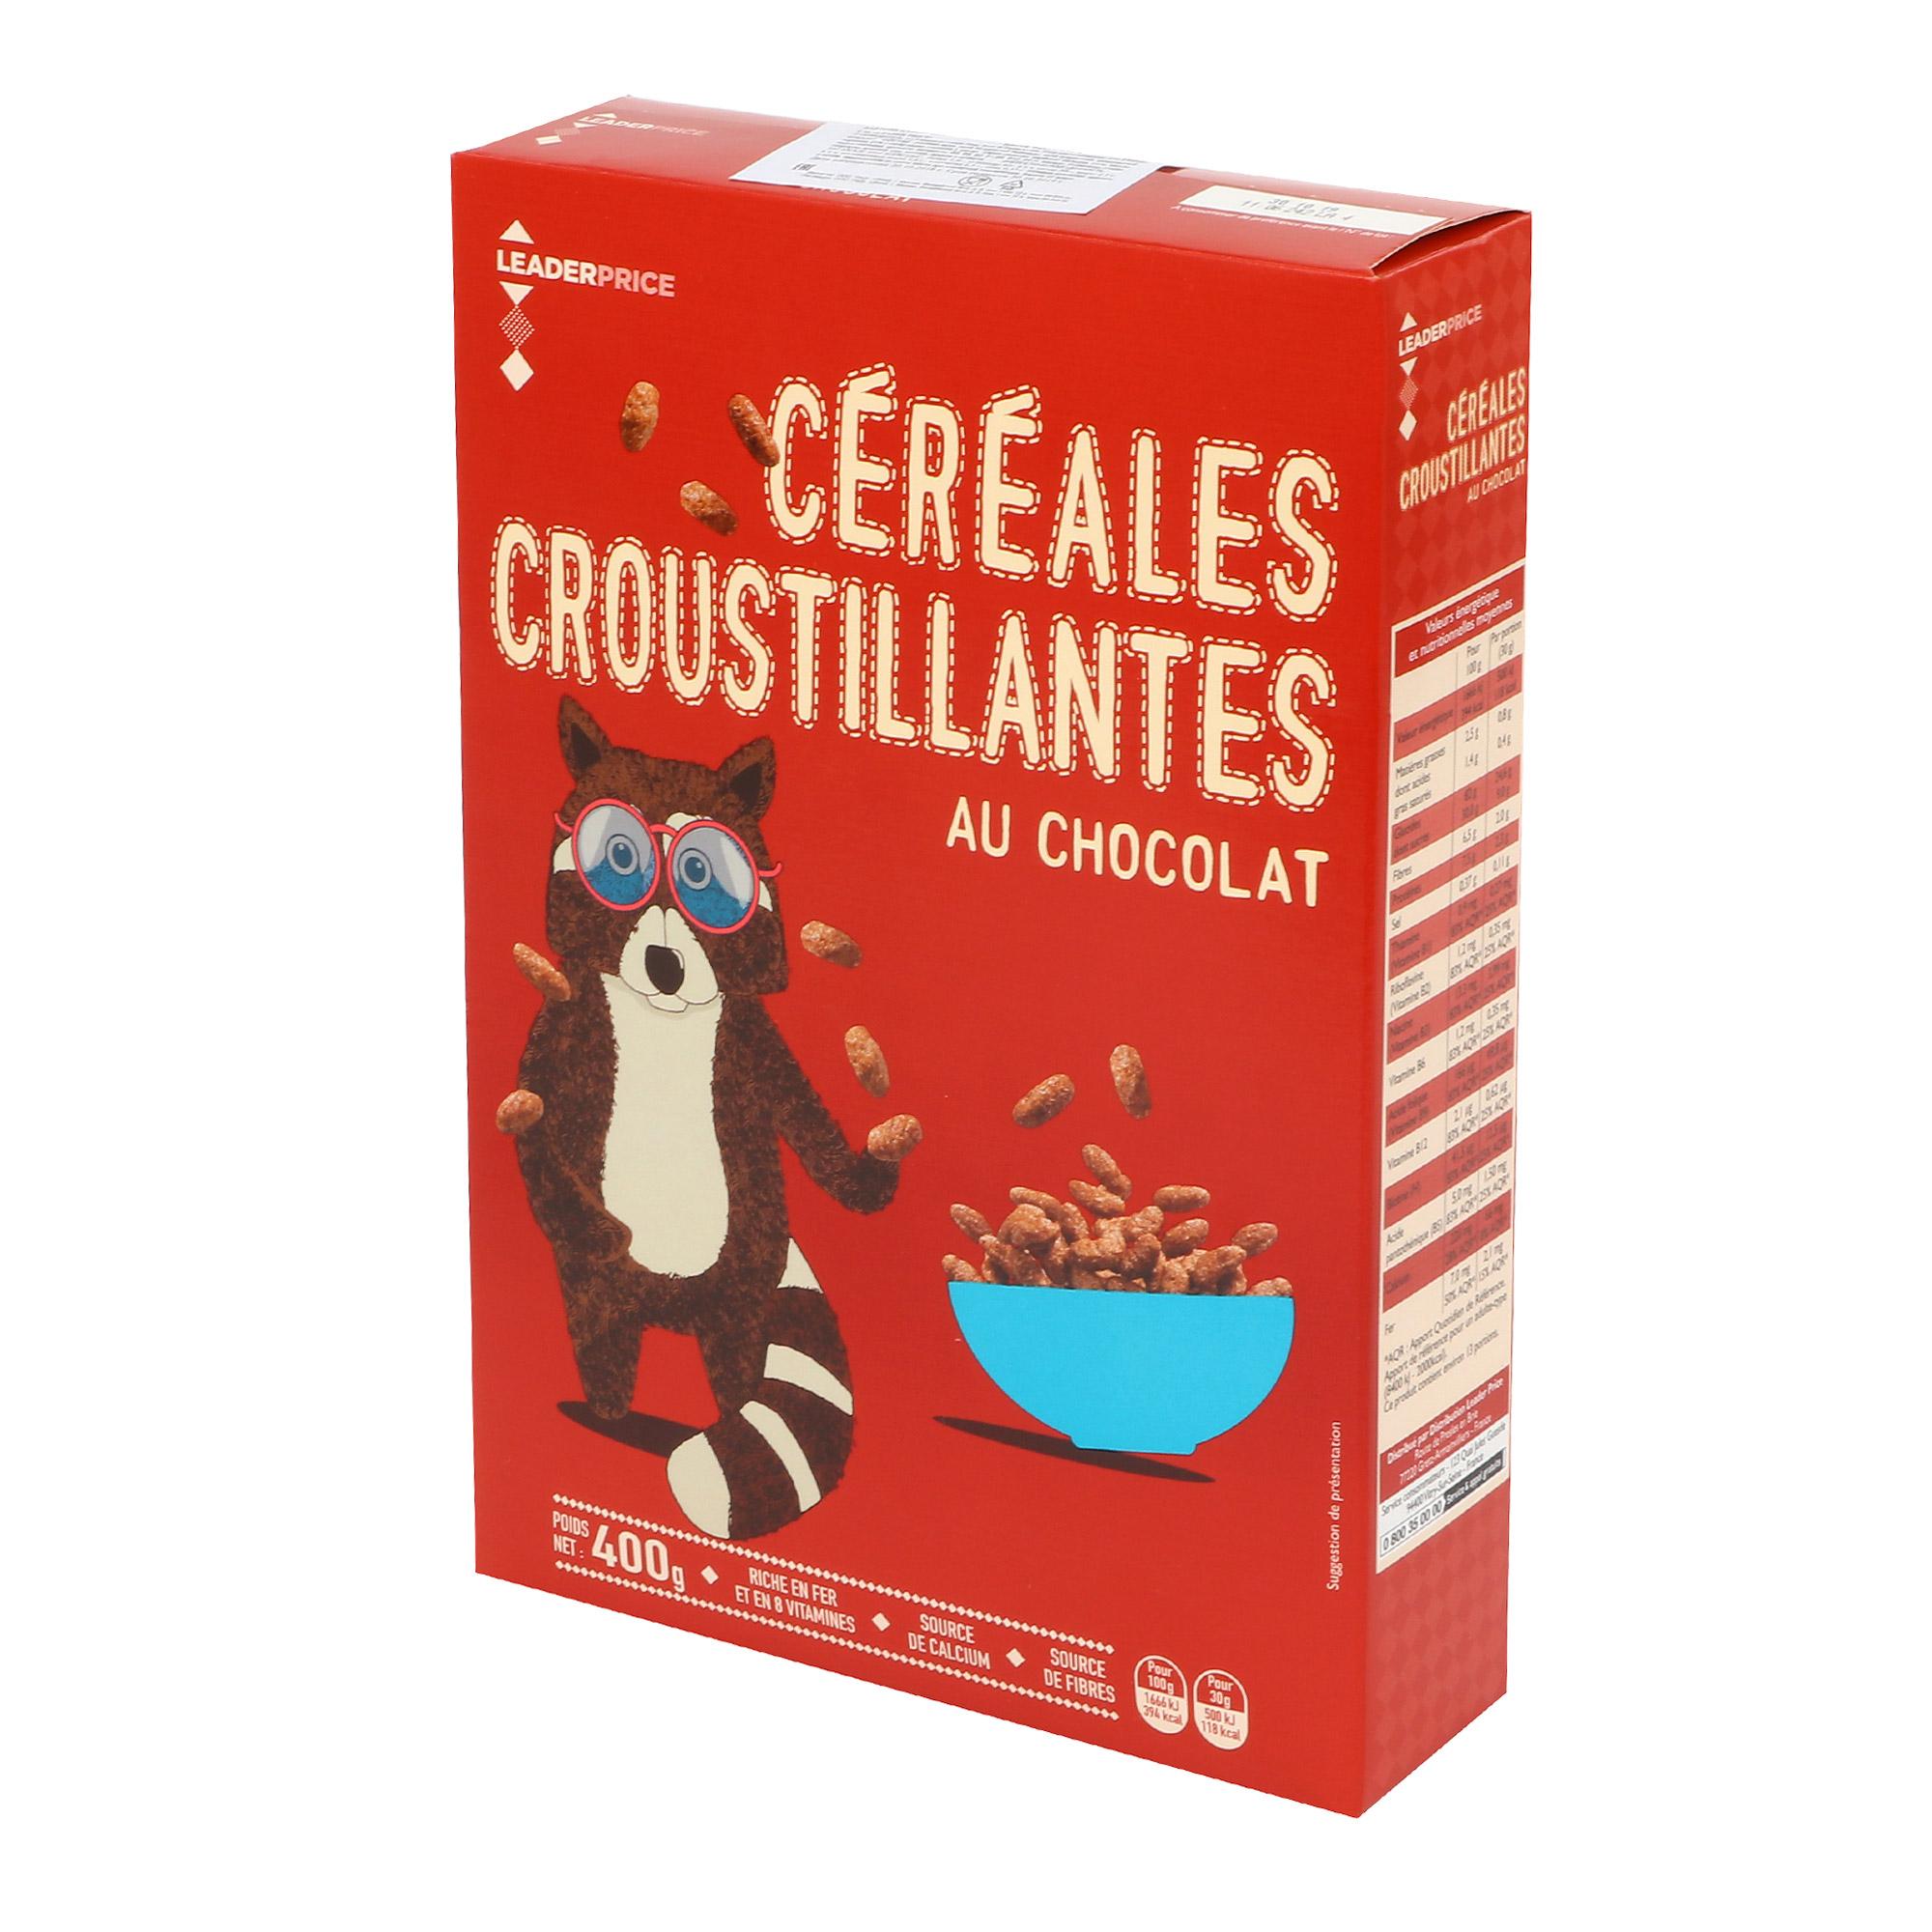 Хлопья рисовые LEADER PRICE Cereales Croustillantes шоколадные 400 г